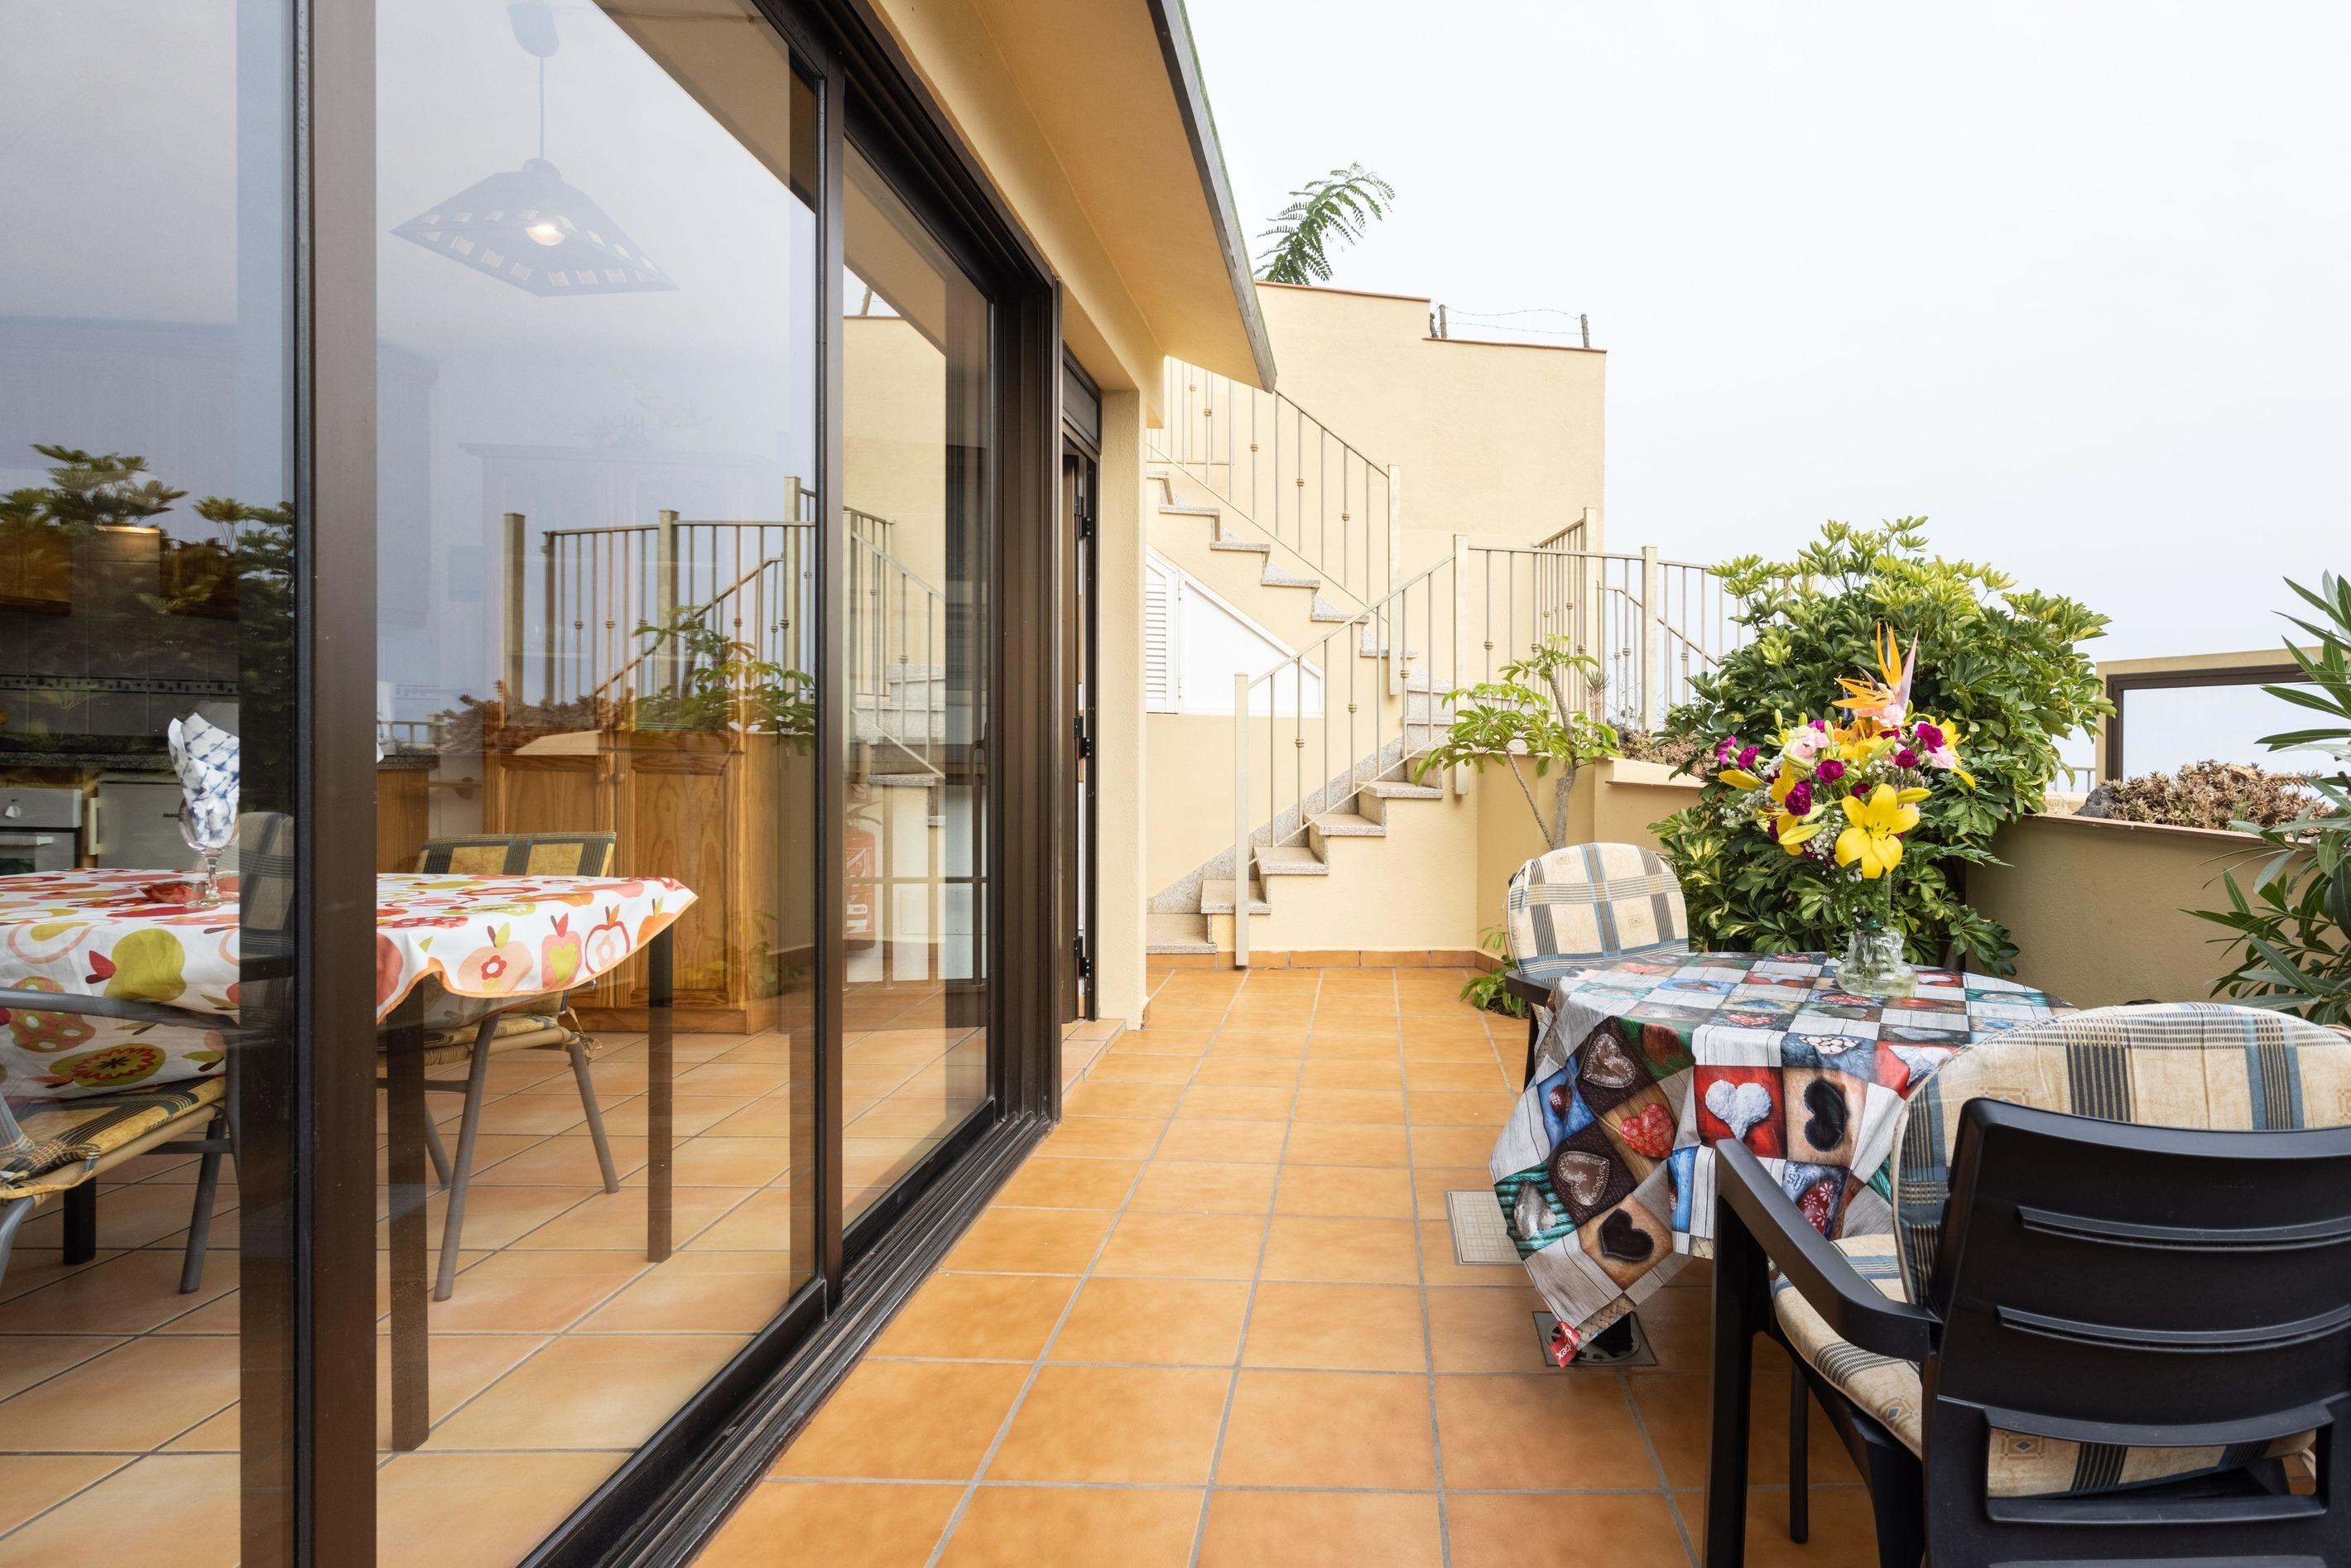 Appartement de vacances Fewo Rocamar, auf dem Felsen über dem Meer mit toller Sicht, 2 Terrassen, Pool, Grill und  (2492985), Santa Ursula, Ténérife, Iles Canaries, Espagne, image 13